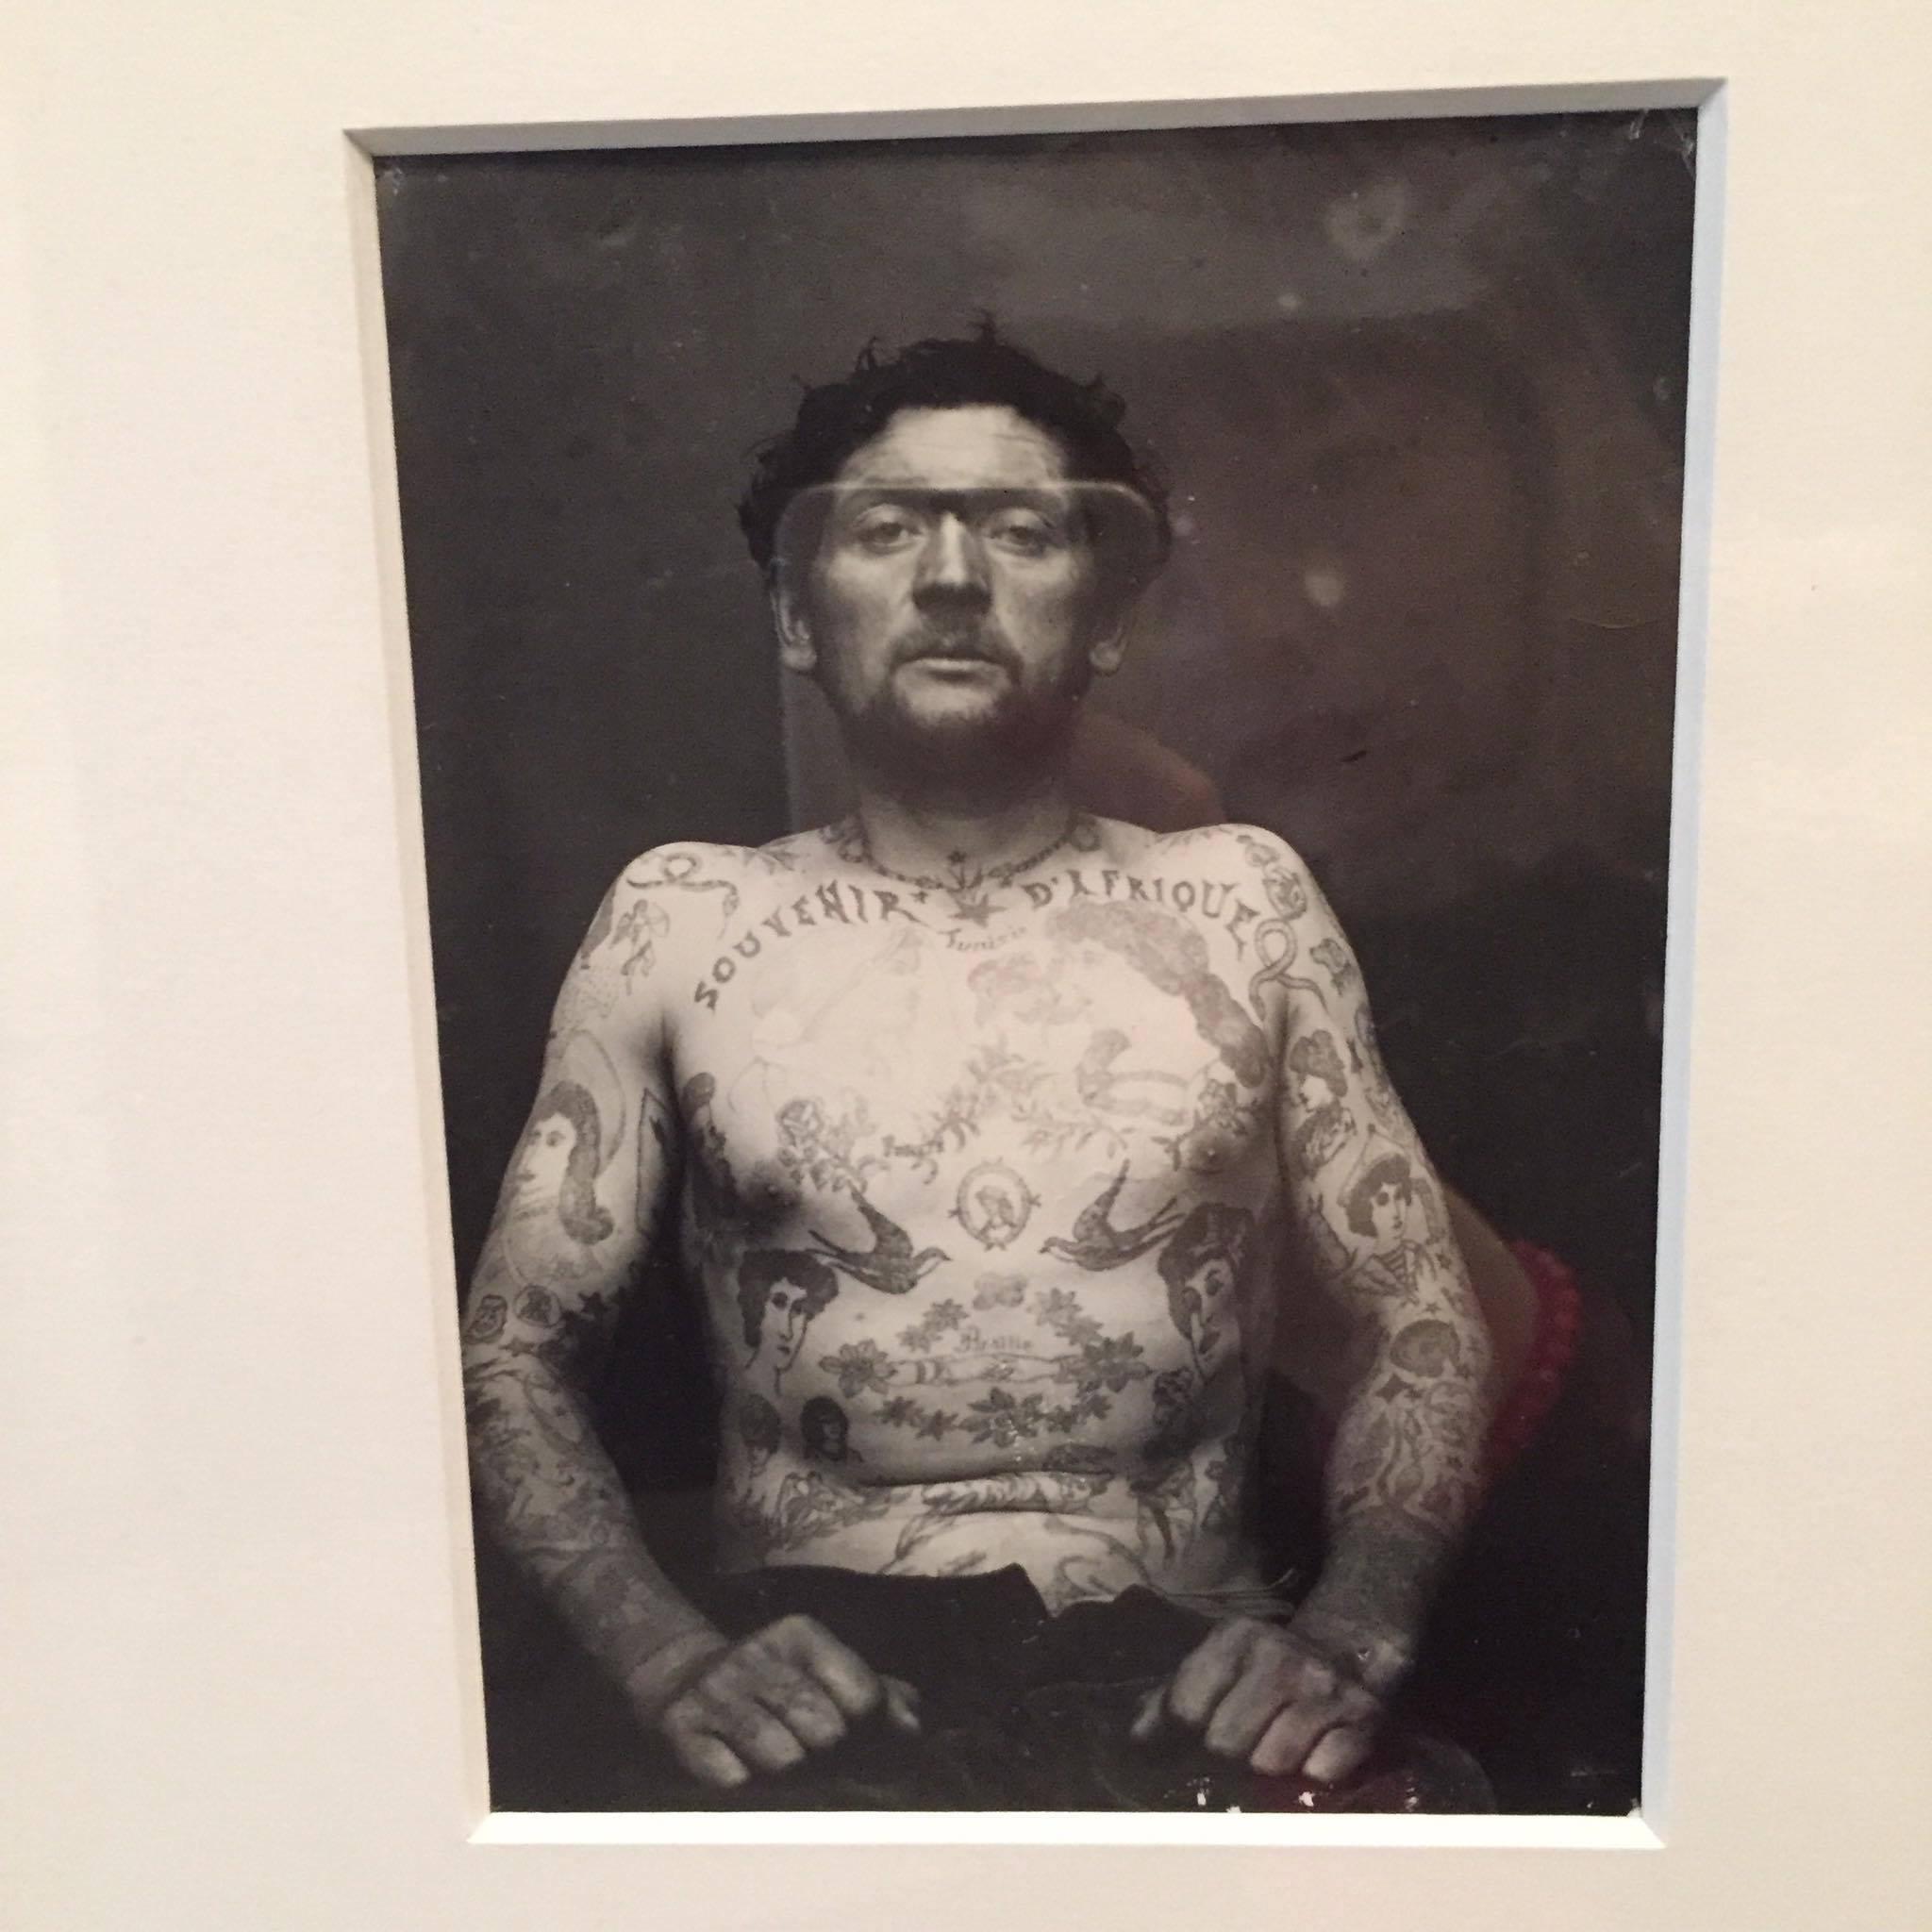 13199287 10206548424934029 1877876638 o Другая SOVA ROM, tatoo, выставка, идентификация, искусство, Марк Джейкобс, одержимость, ритуал, тату, татуировк, Тин-Тин